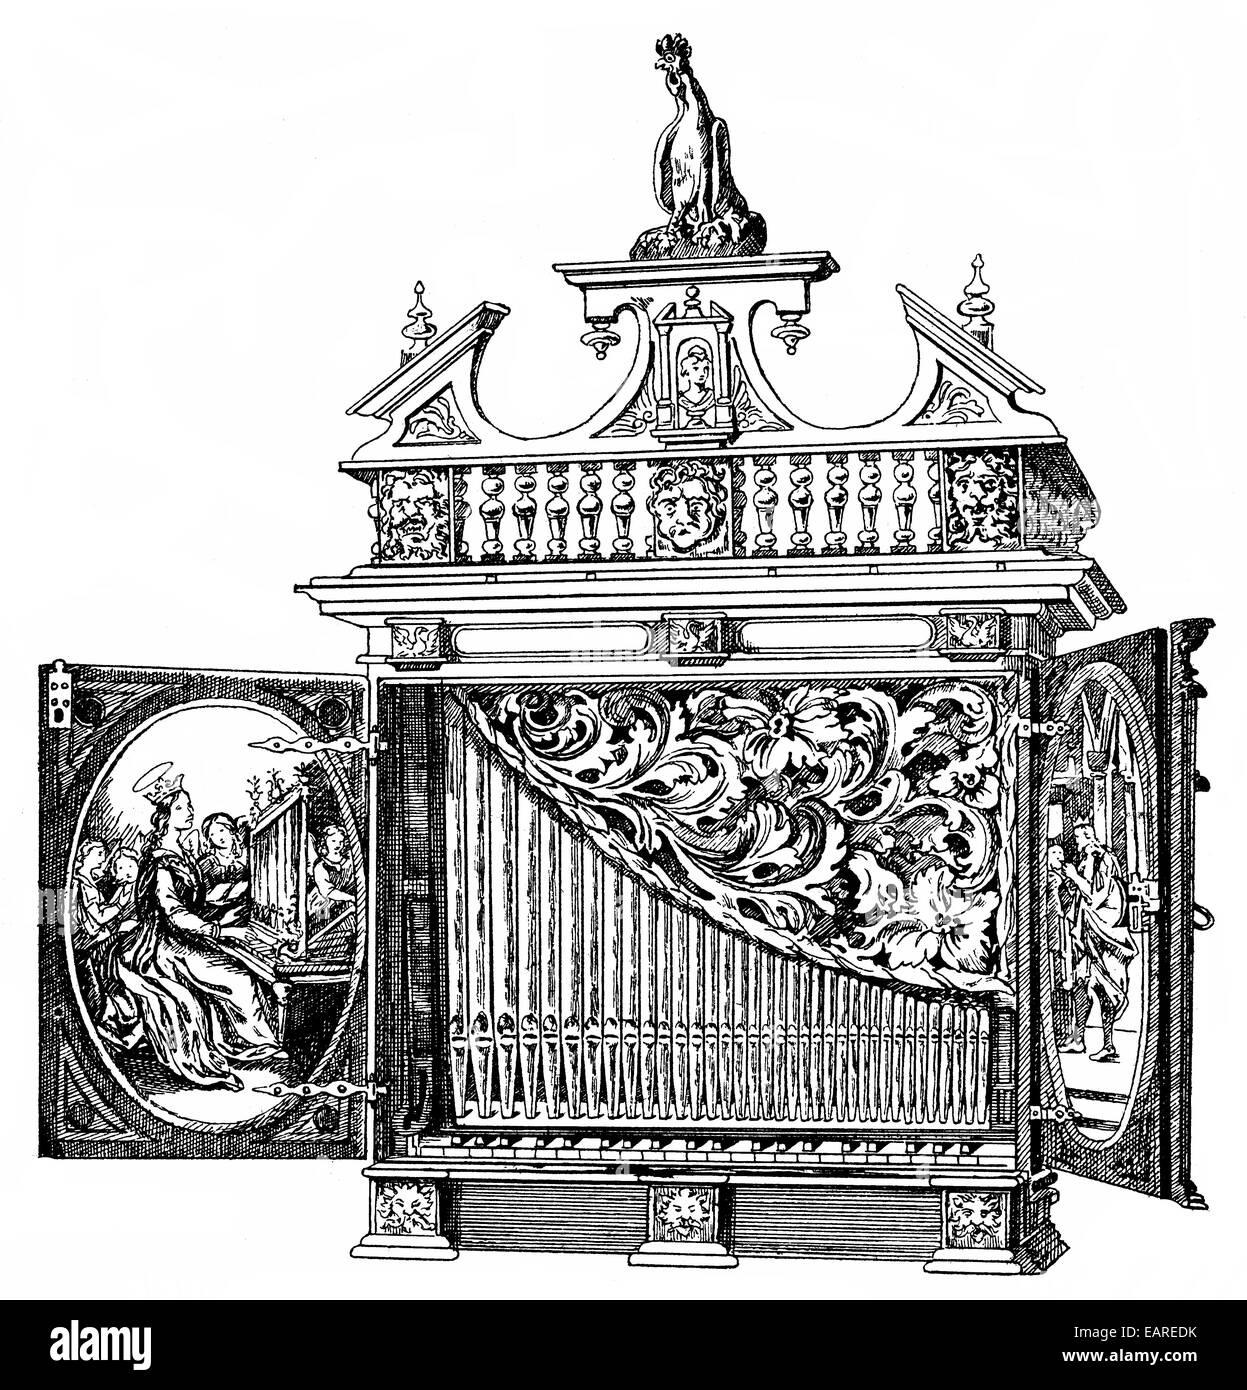 Un órgano positivo, pequeño órgano portátil con menos paradas, siglo xvi , Ein Positiv, EINE Imagen De Stock